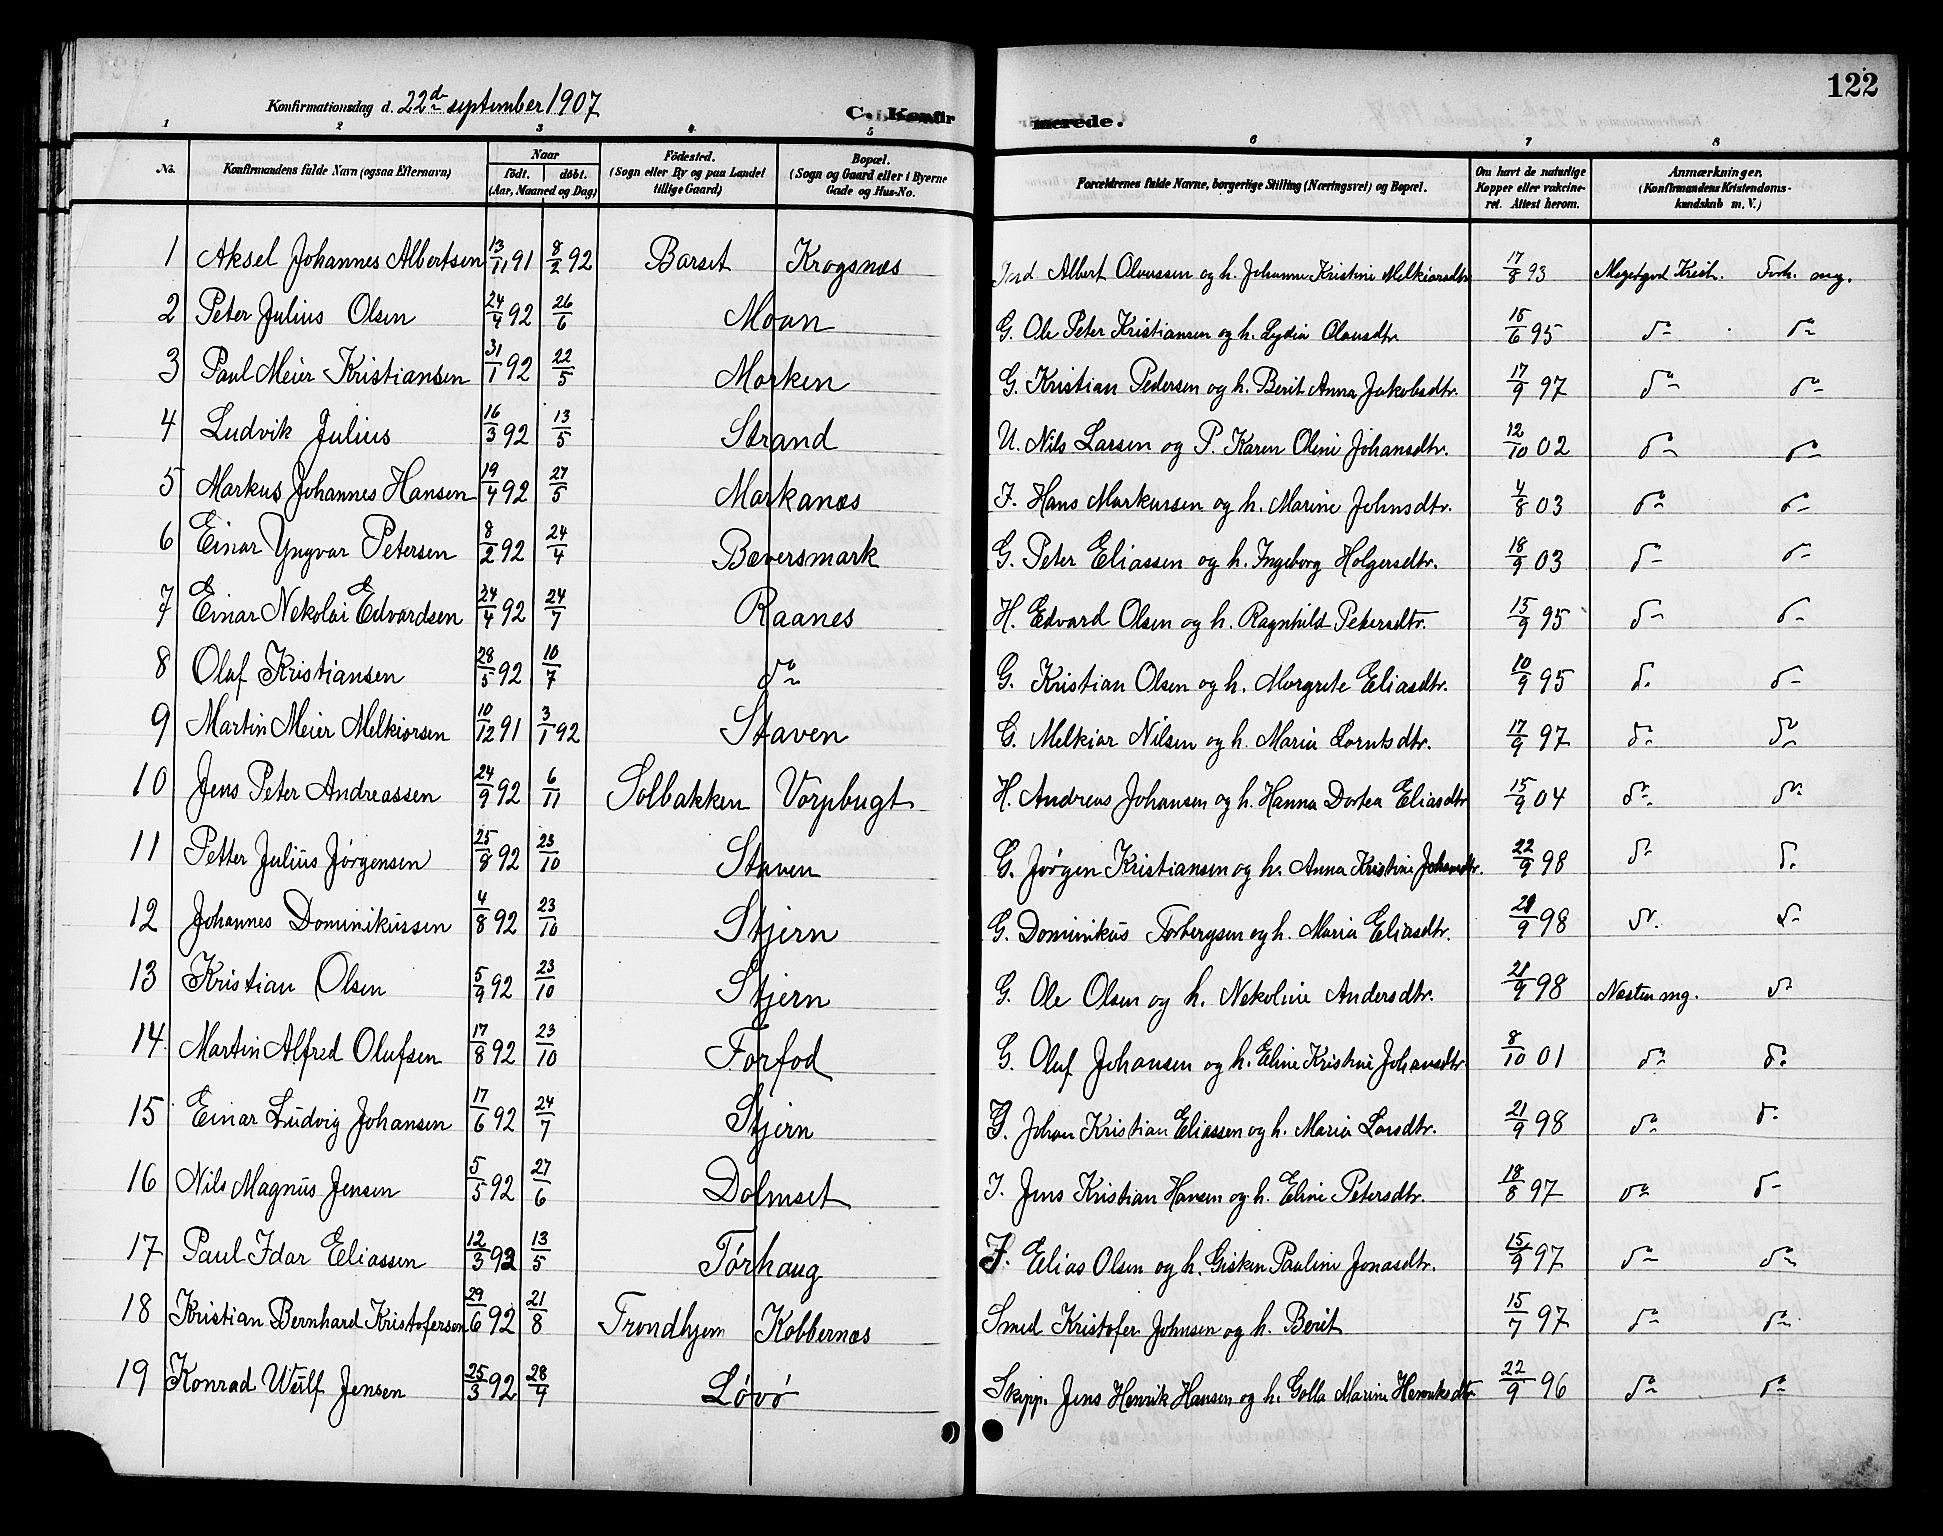 SAT, Ministerialprotokoller, klokkerbøker og fødselsregistre - Sør-Trøndelag, 655/L0688: Klokkerbok nr. 655C04, 1899-1922, s. 122